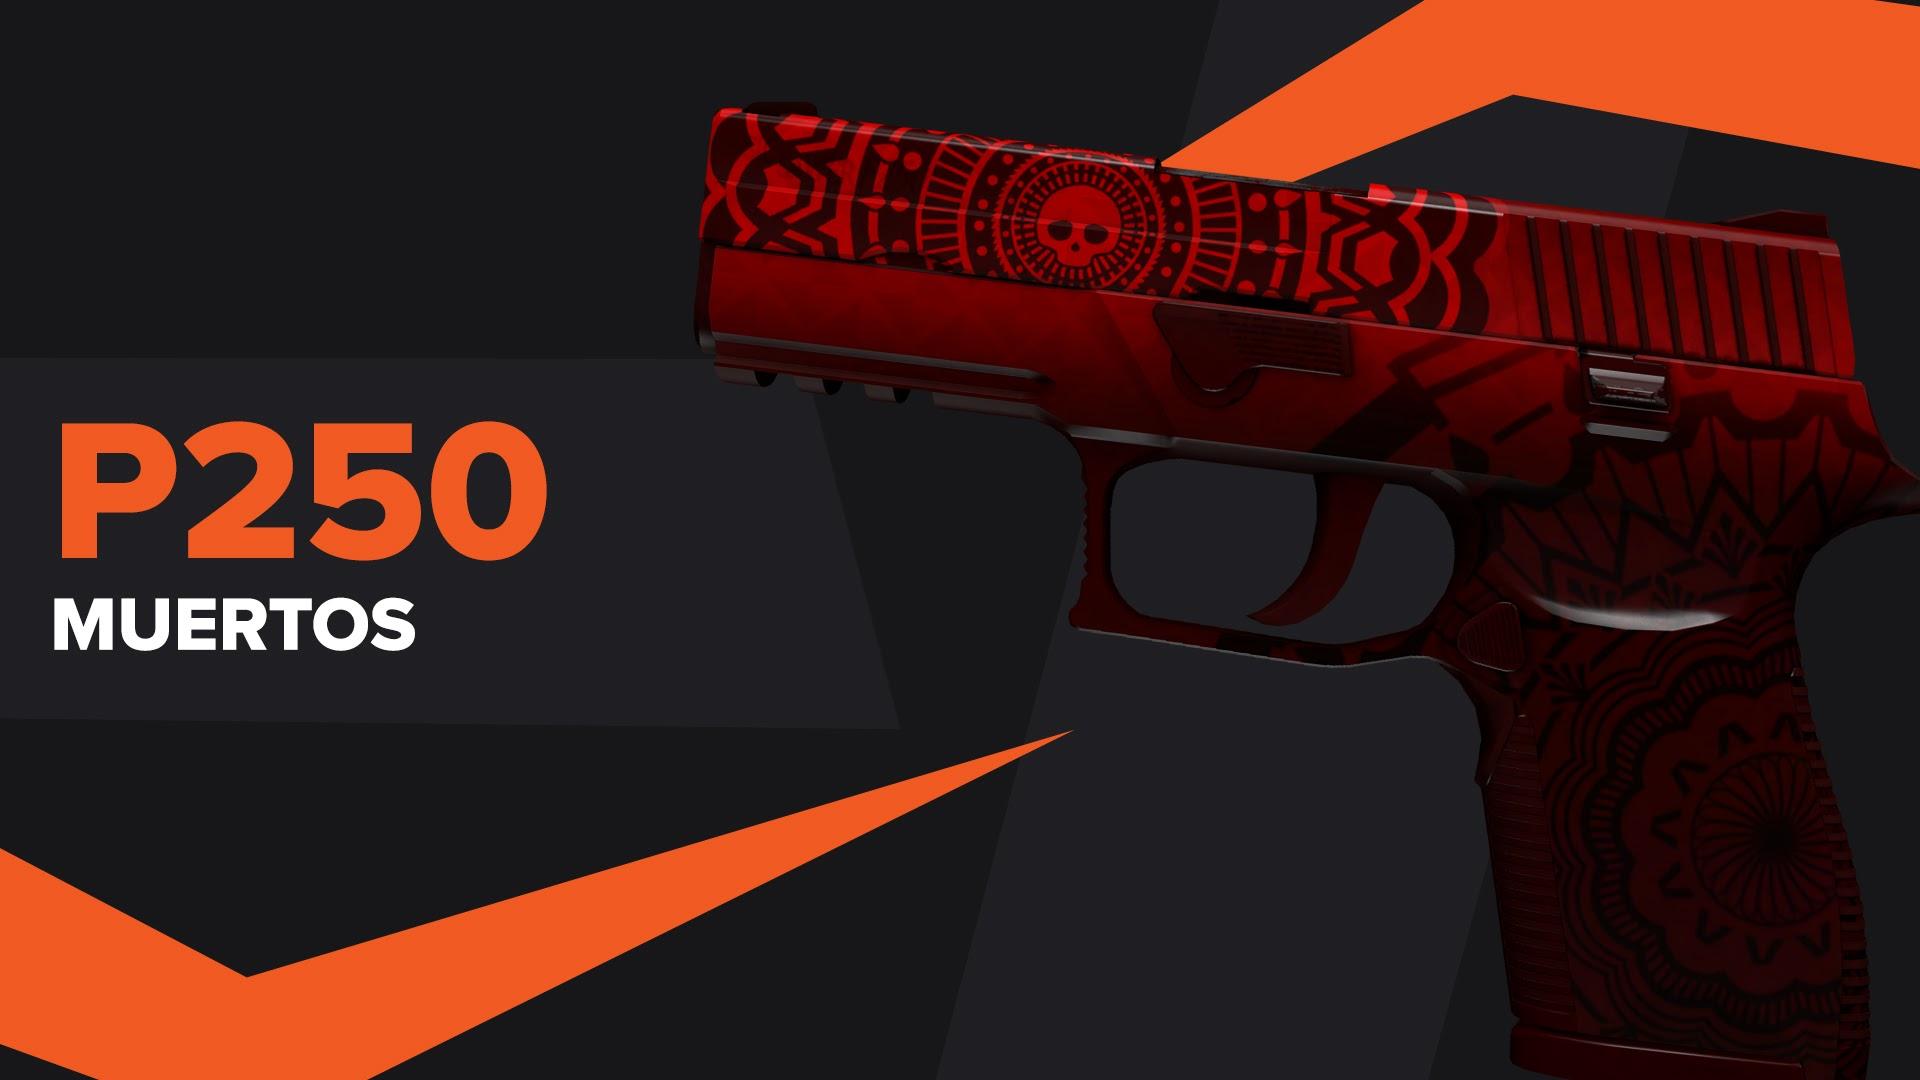 P250 Muertos CSGO Skin